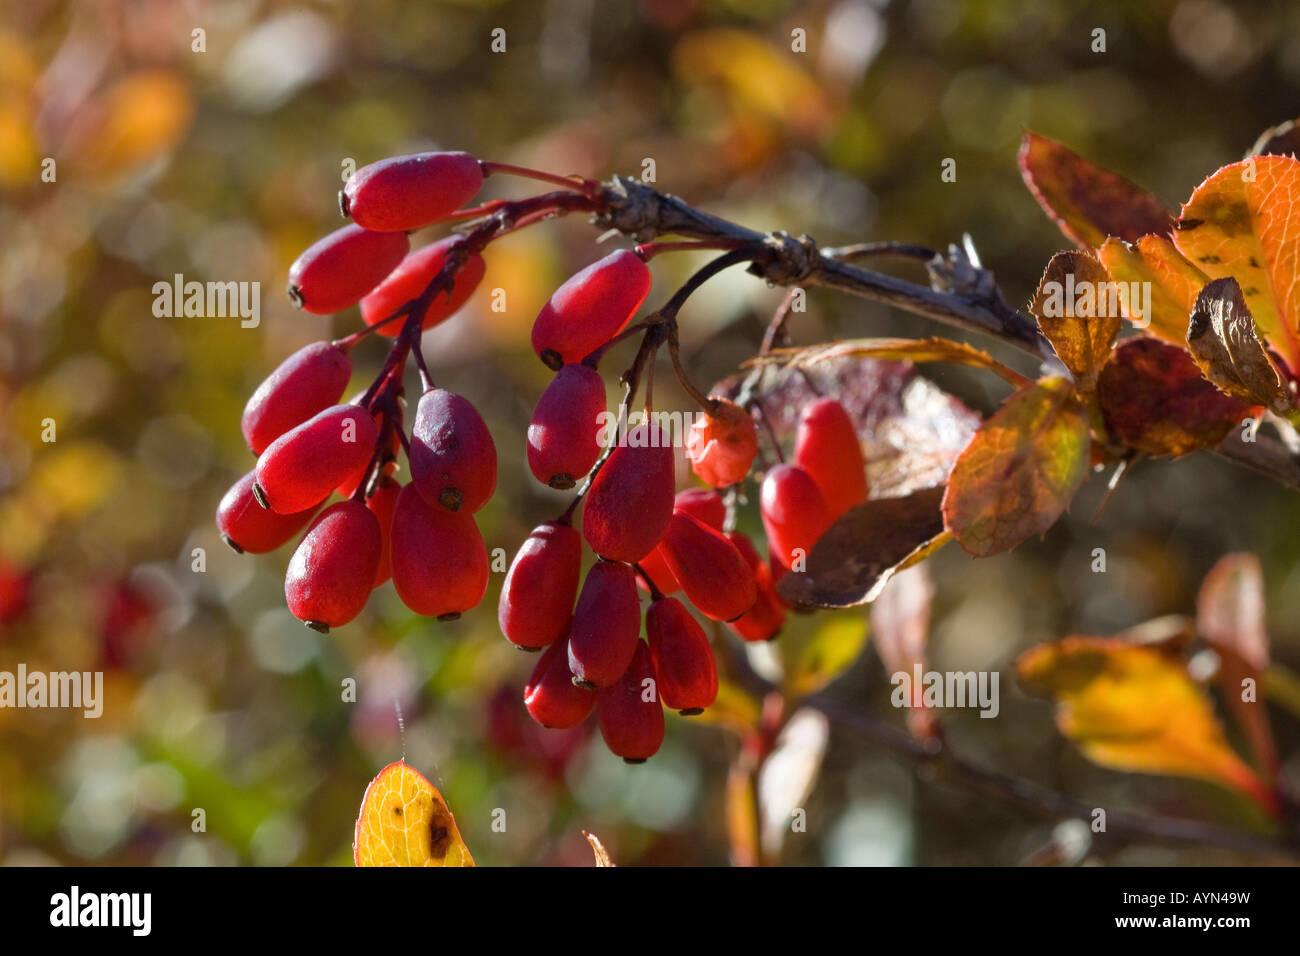 Crespino Berberis vulgaris arbusto arbusto piante vegetali frutto di frutta Gran Paradso Parco Nazionale Parco Nazionale Immagini Stock